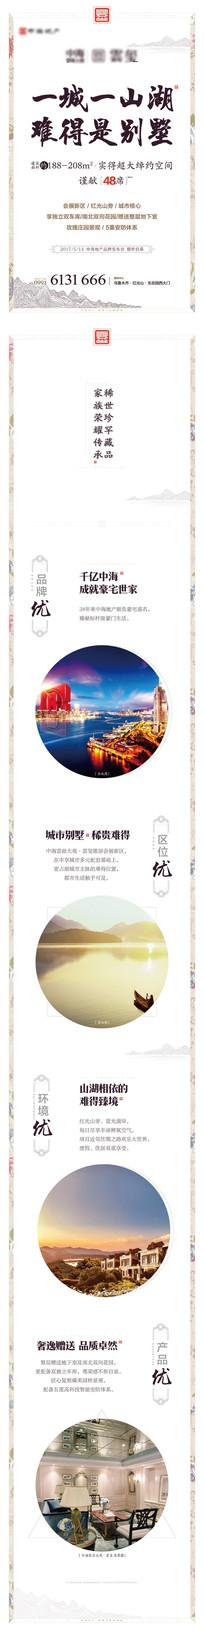 地产意境简约大气中国风长微信海报 AI